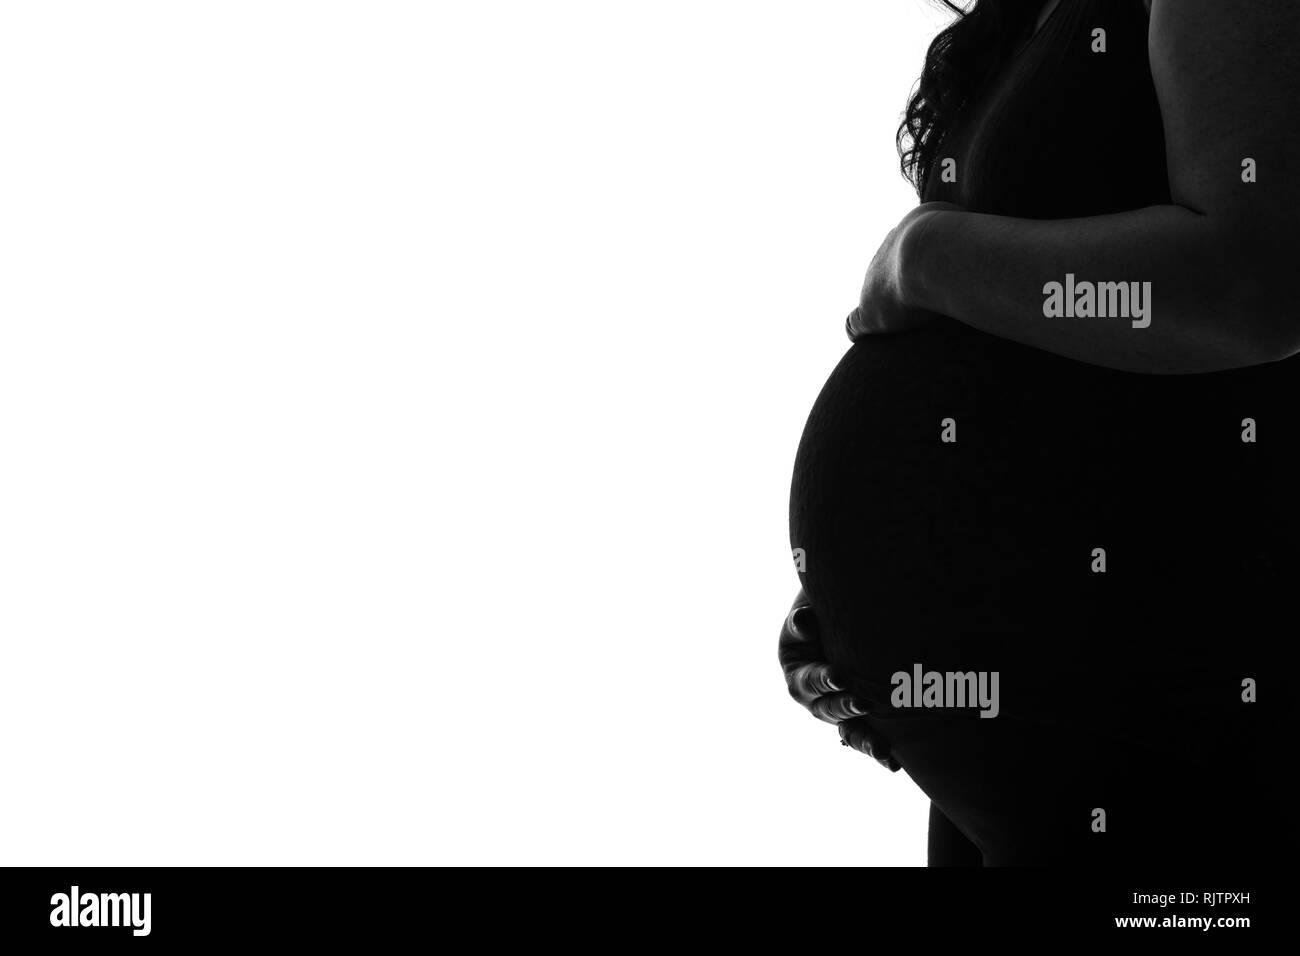 schwarz schwangeren bauch